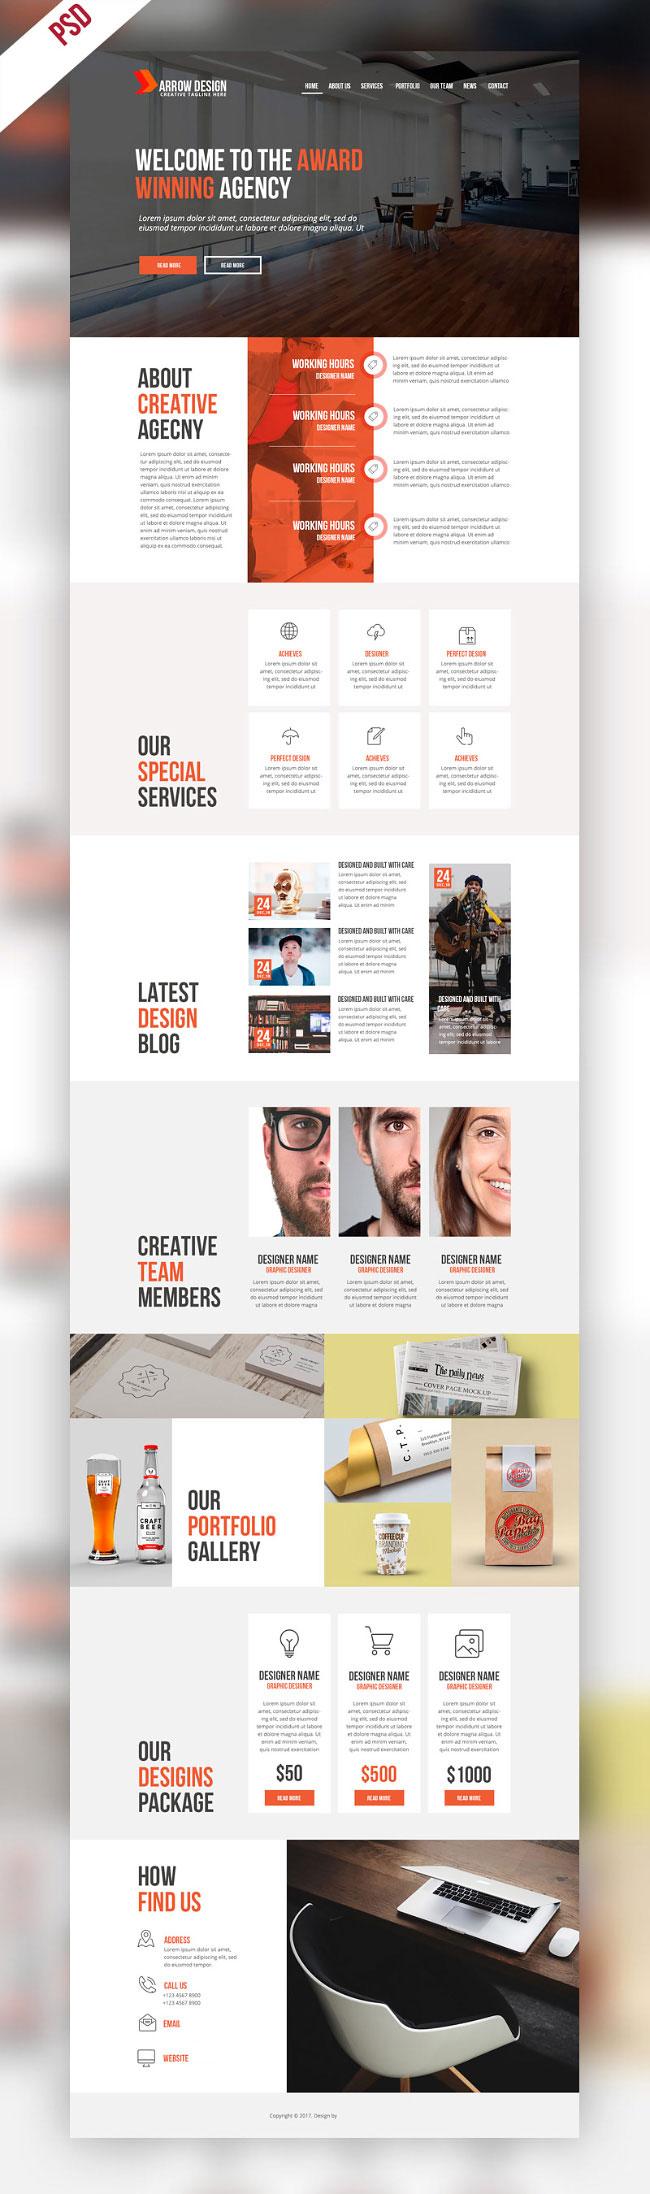 p422 - قالب آماده سایت شرکتی با معرفی تیم اجرایی و خدمات بصورت لایه باز